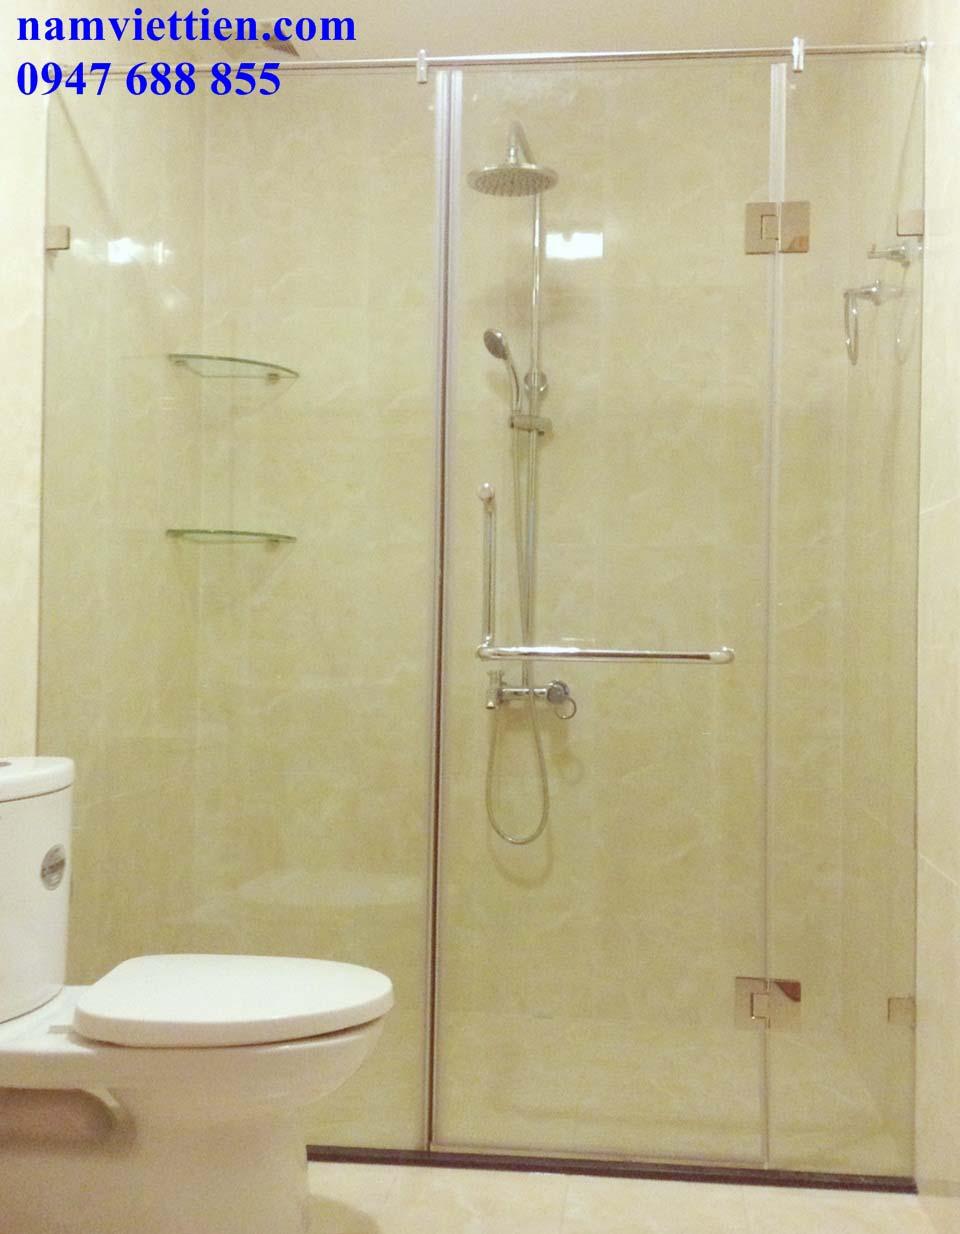 phong tam kinh ms 17 - Lắp đặt phòng tắm bằng kính